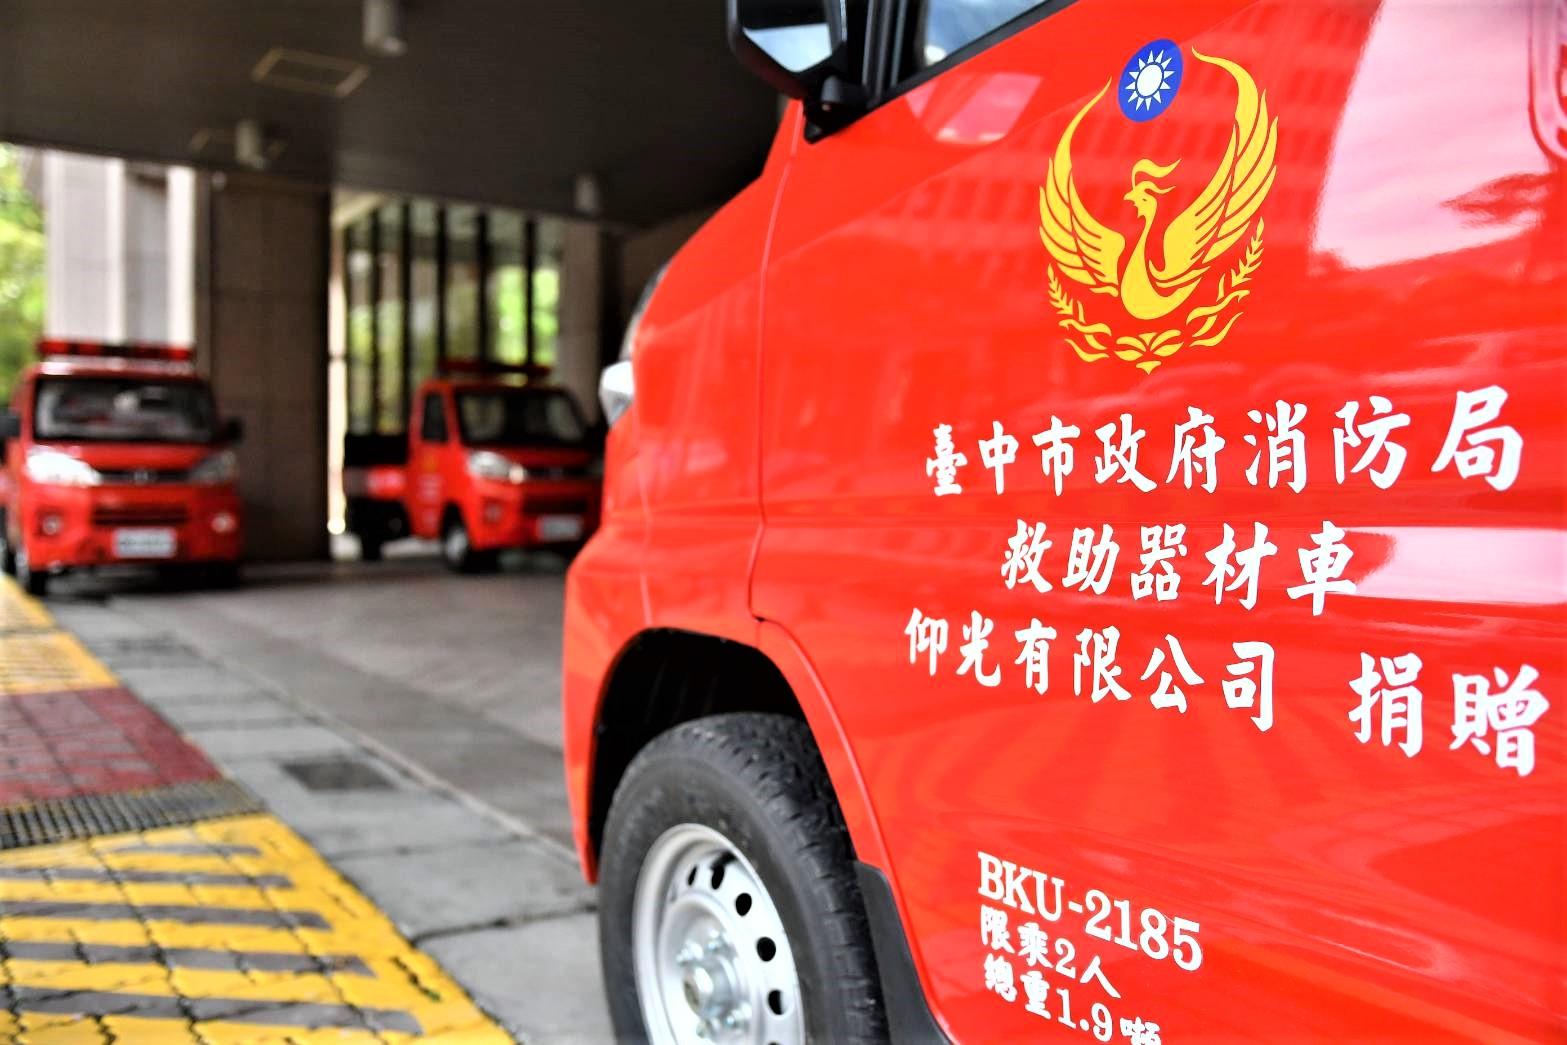 內政部受贈之救助器材車